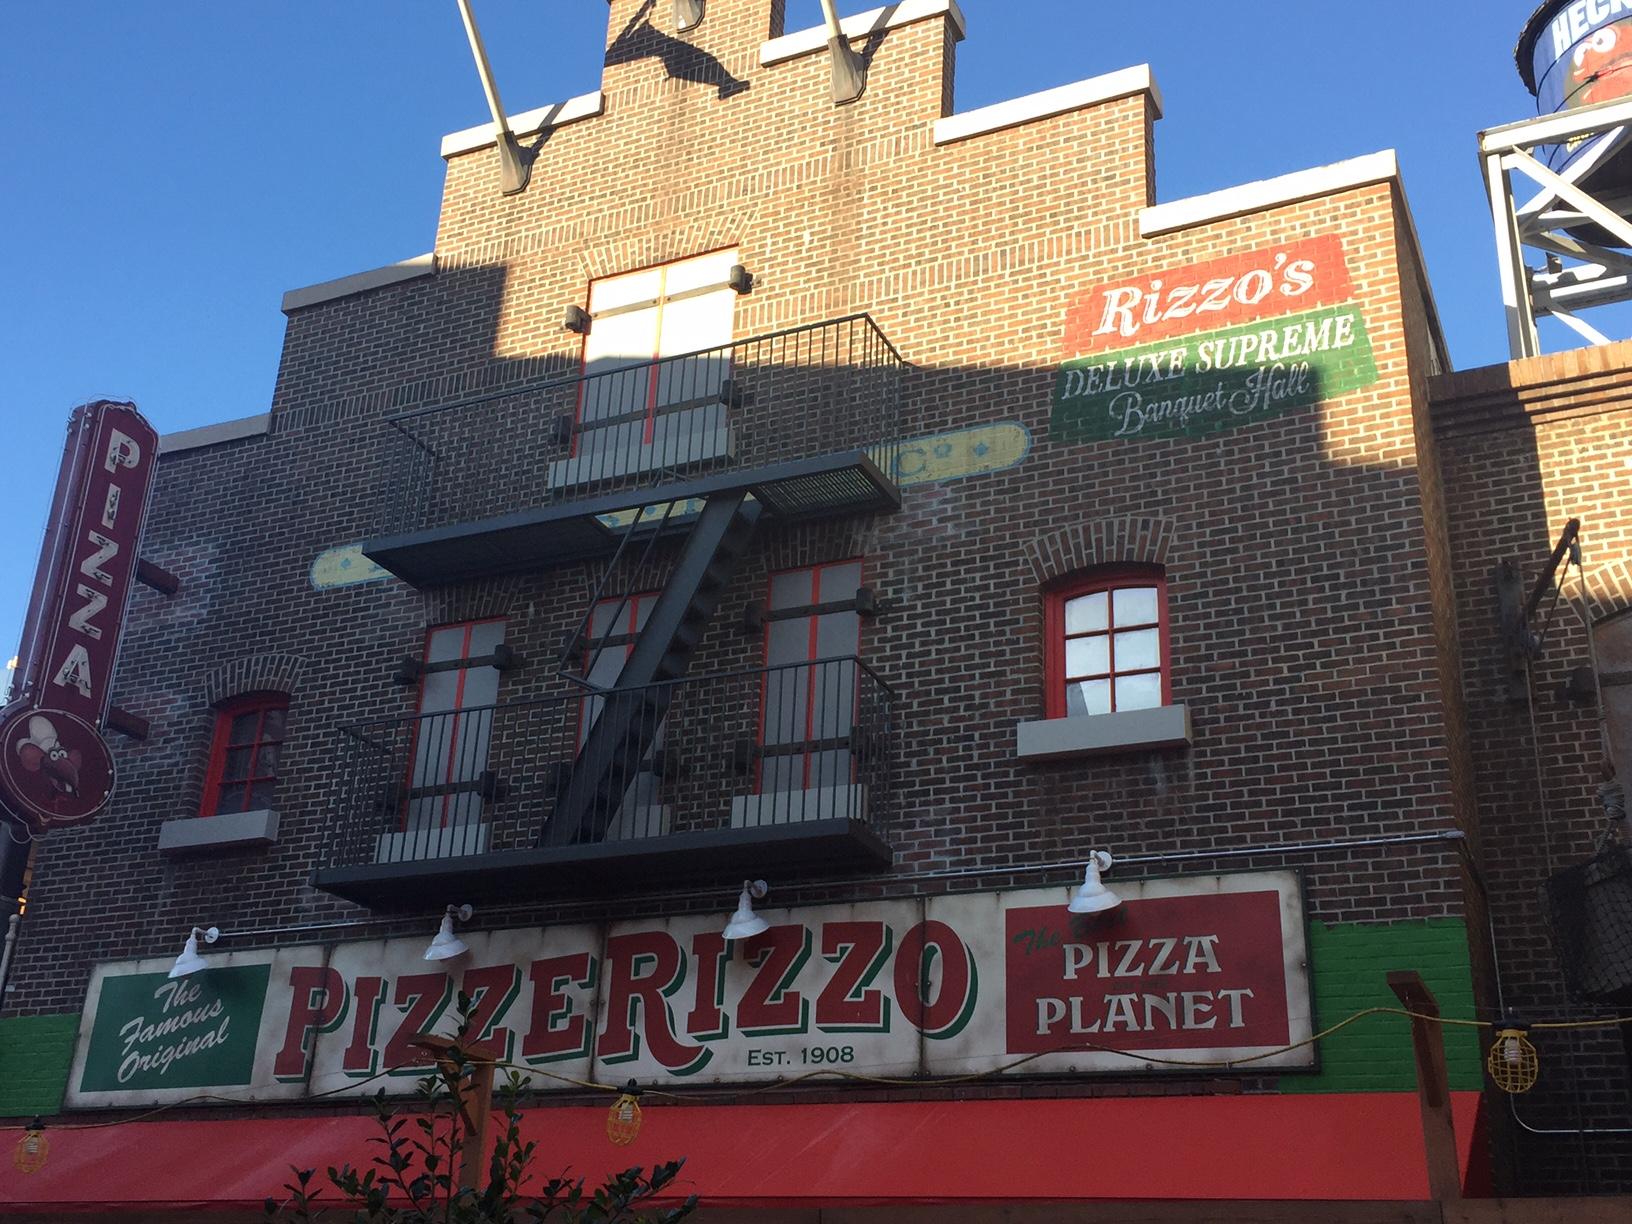 pizzerizzo-exterior